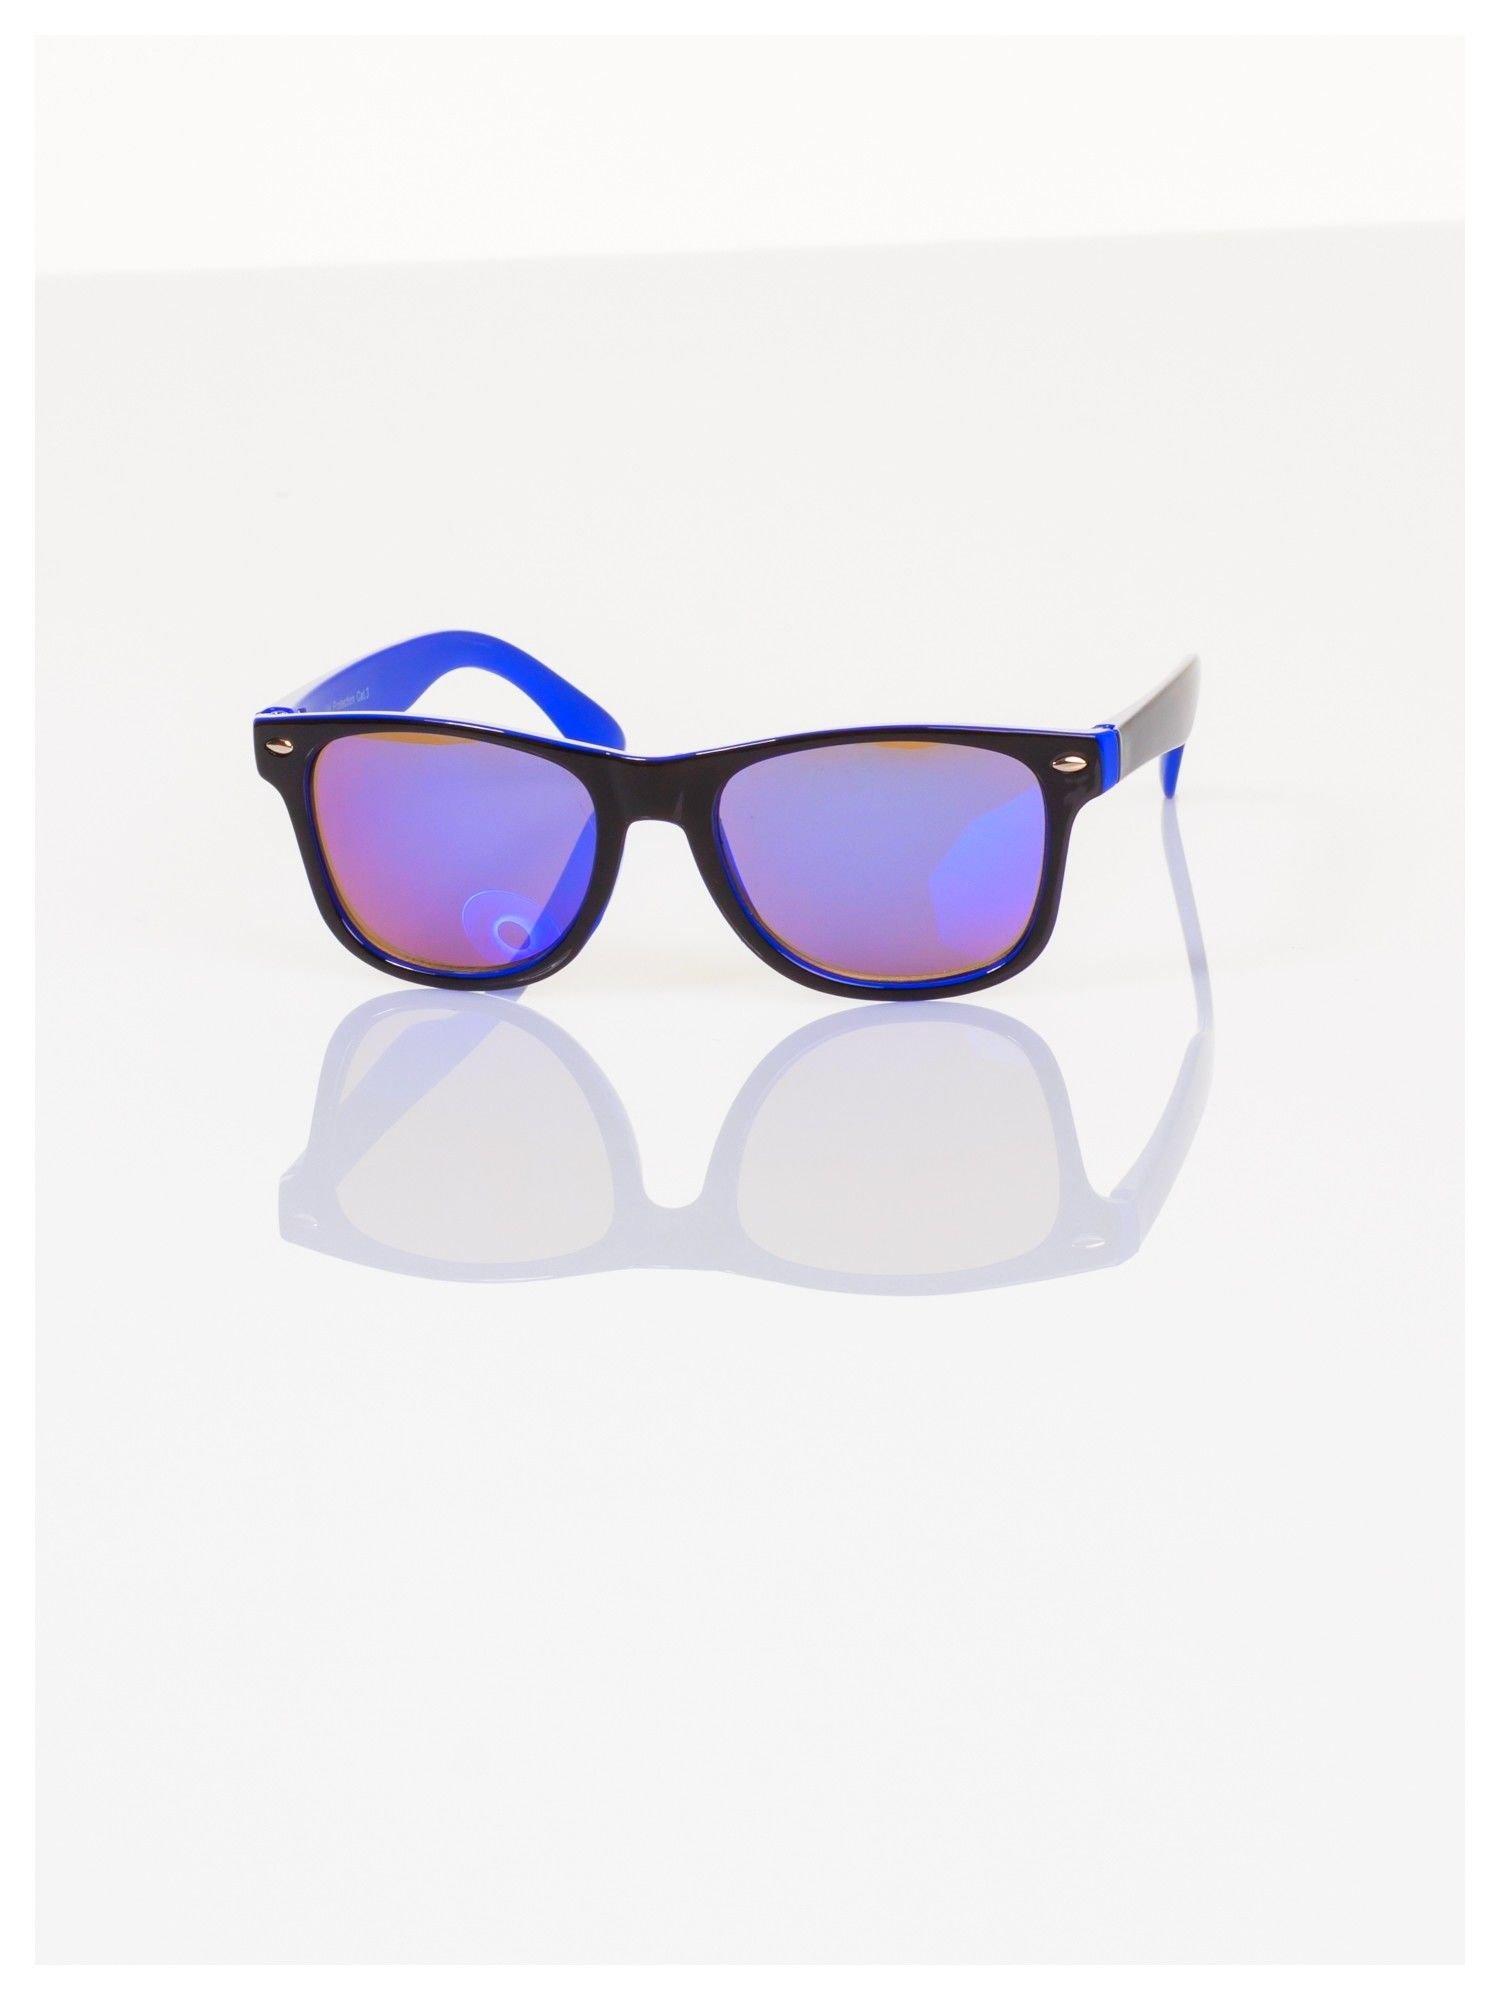 Dziecięce lustrzanki z filtrami UV -okulary z klasyczną oprawką WEYFARER NERD odporne na wyginania                                  zdj.                                  1